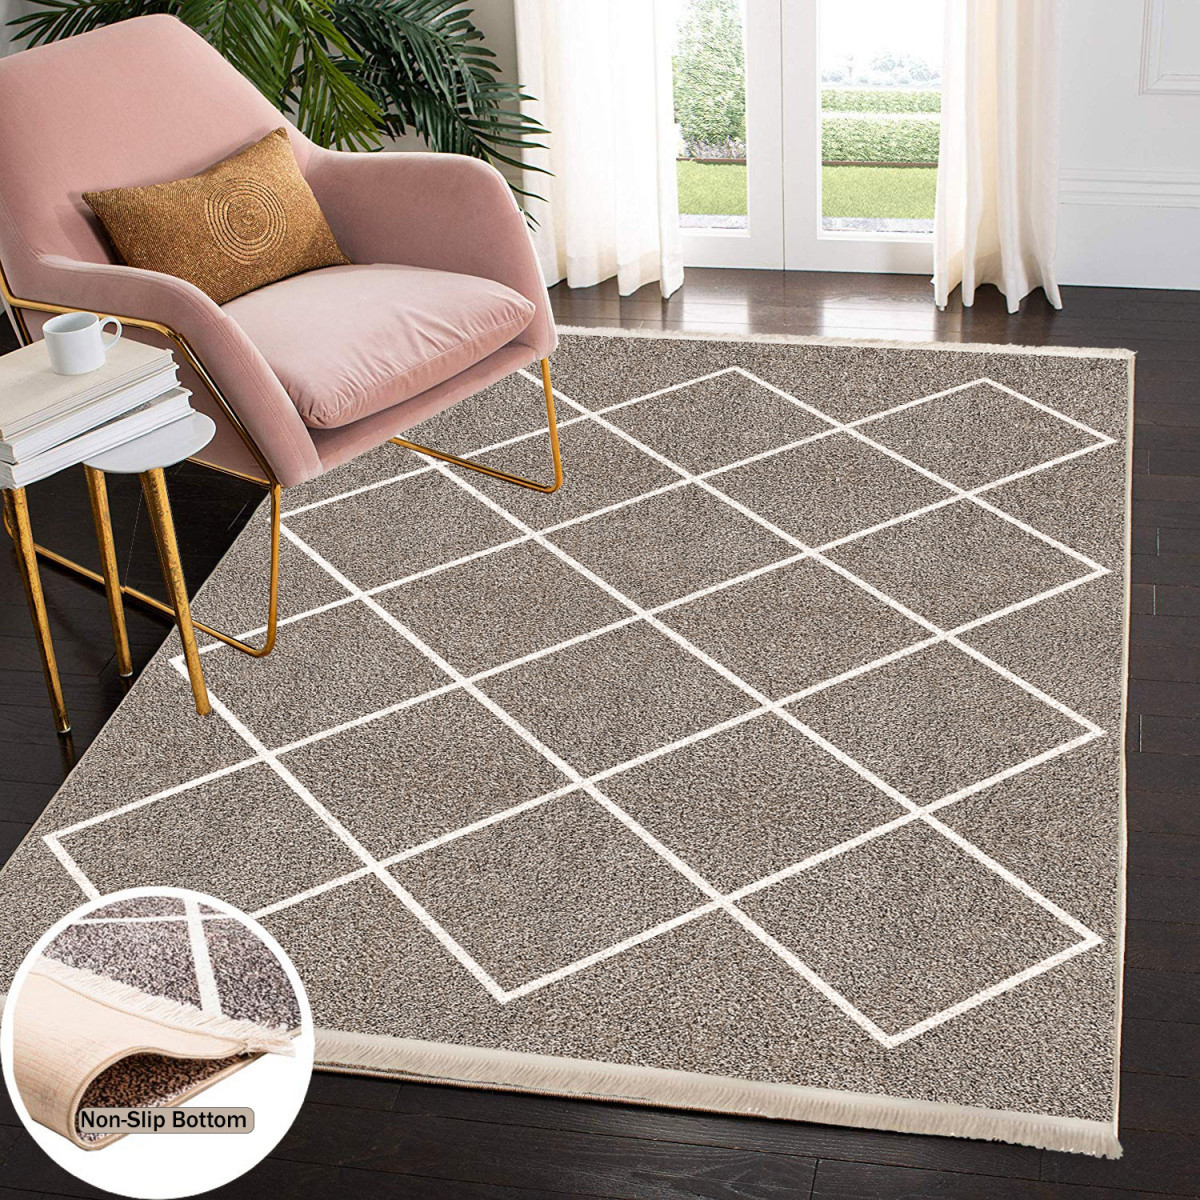 Waschbarer Teppich Wohnzimmer Küche Läufer Flur Teppichläufer  Küchenteppich Teppich Waschbare von Teppich Waschbar Wohnzimmer Bild